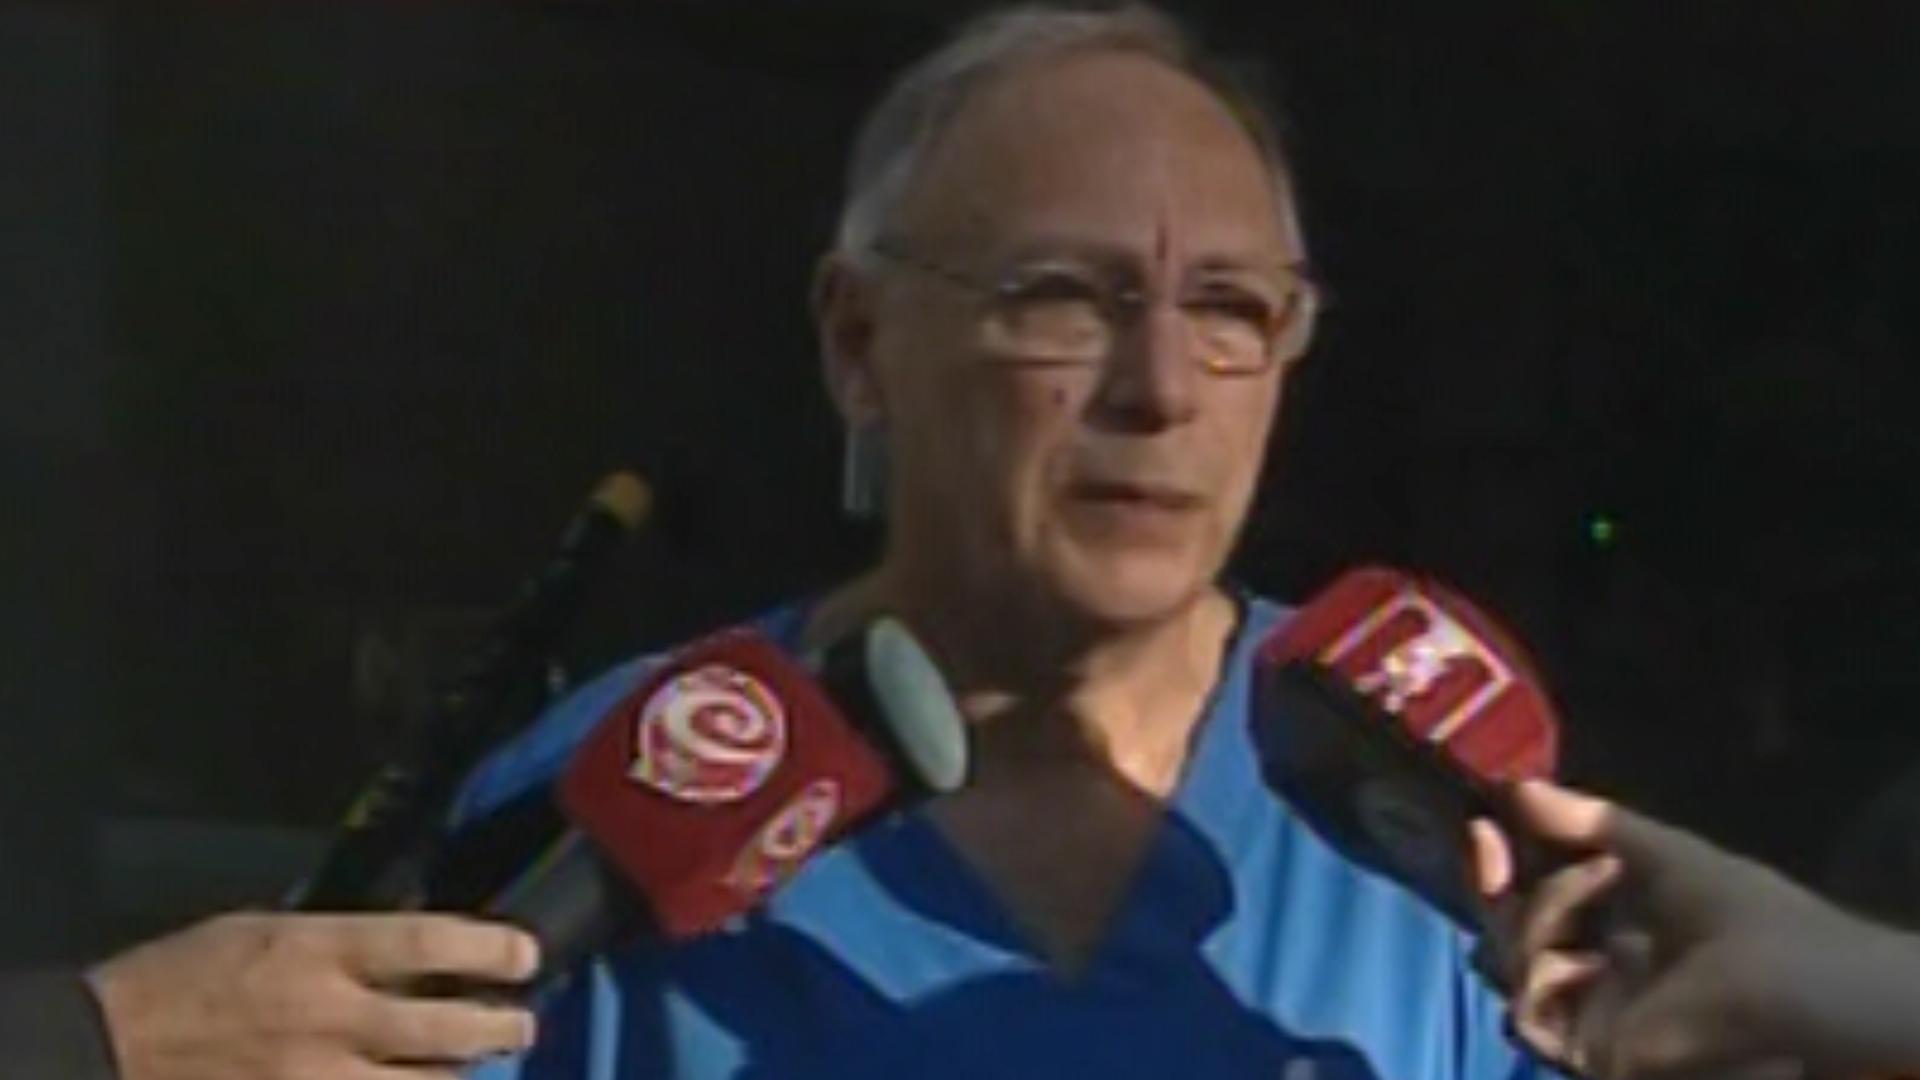 El jefe de guardia del Hospital del Quemado, Eduardo Burszteyn